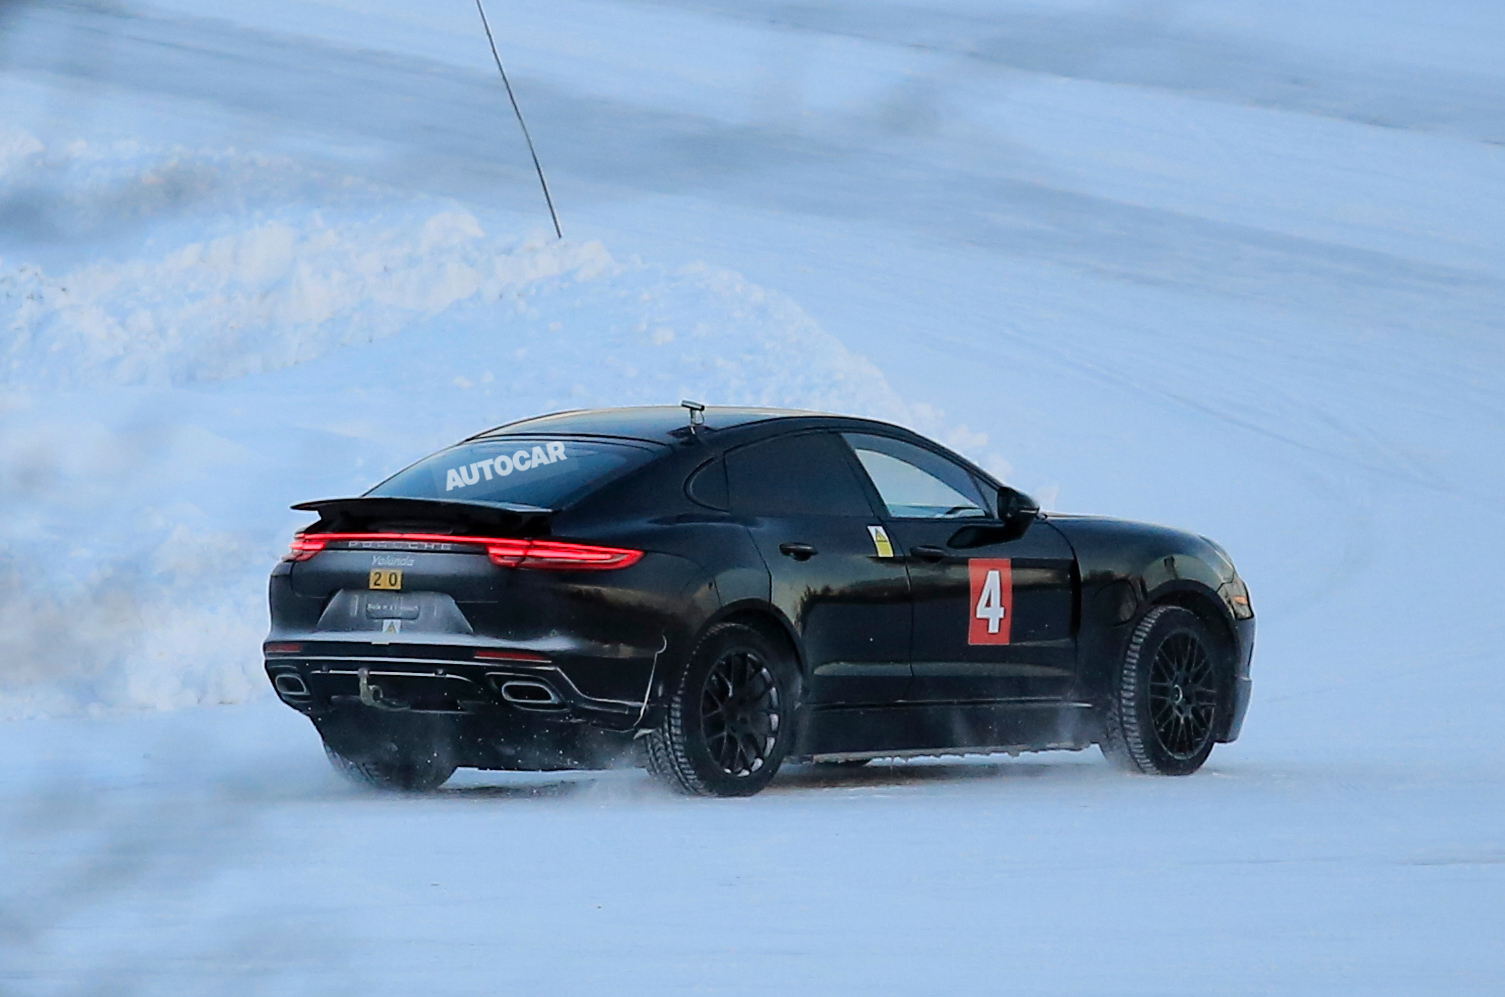 Las Vegas Car For Sale >> Porsche Mission E on course for 2020 launch | Autocar